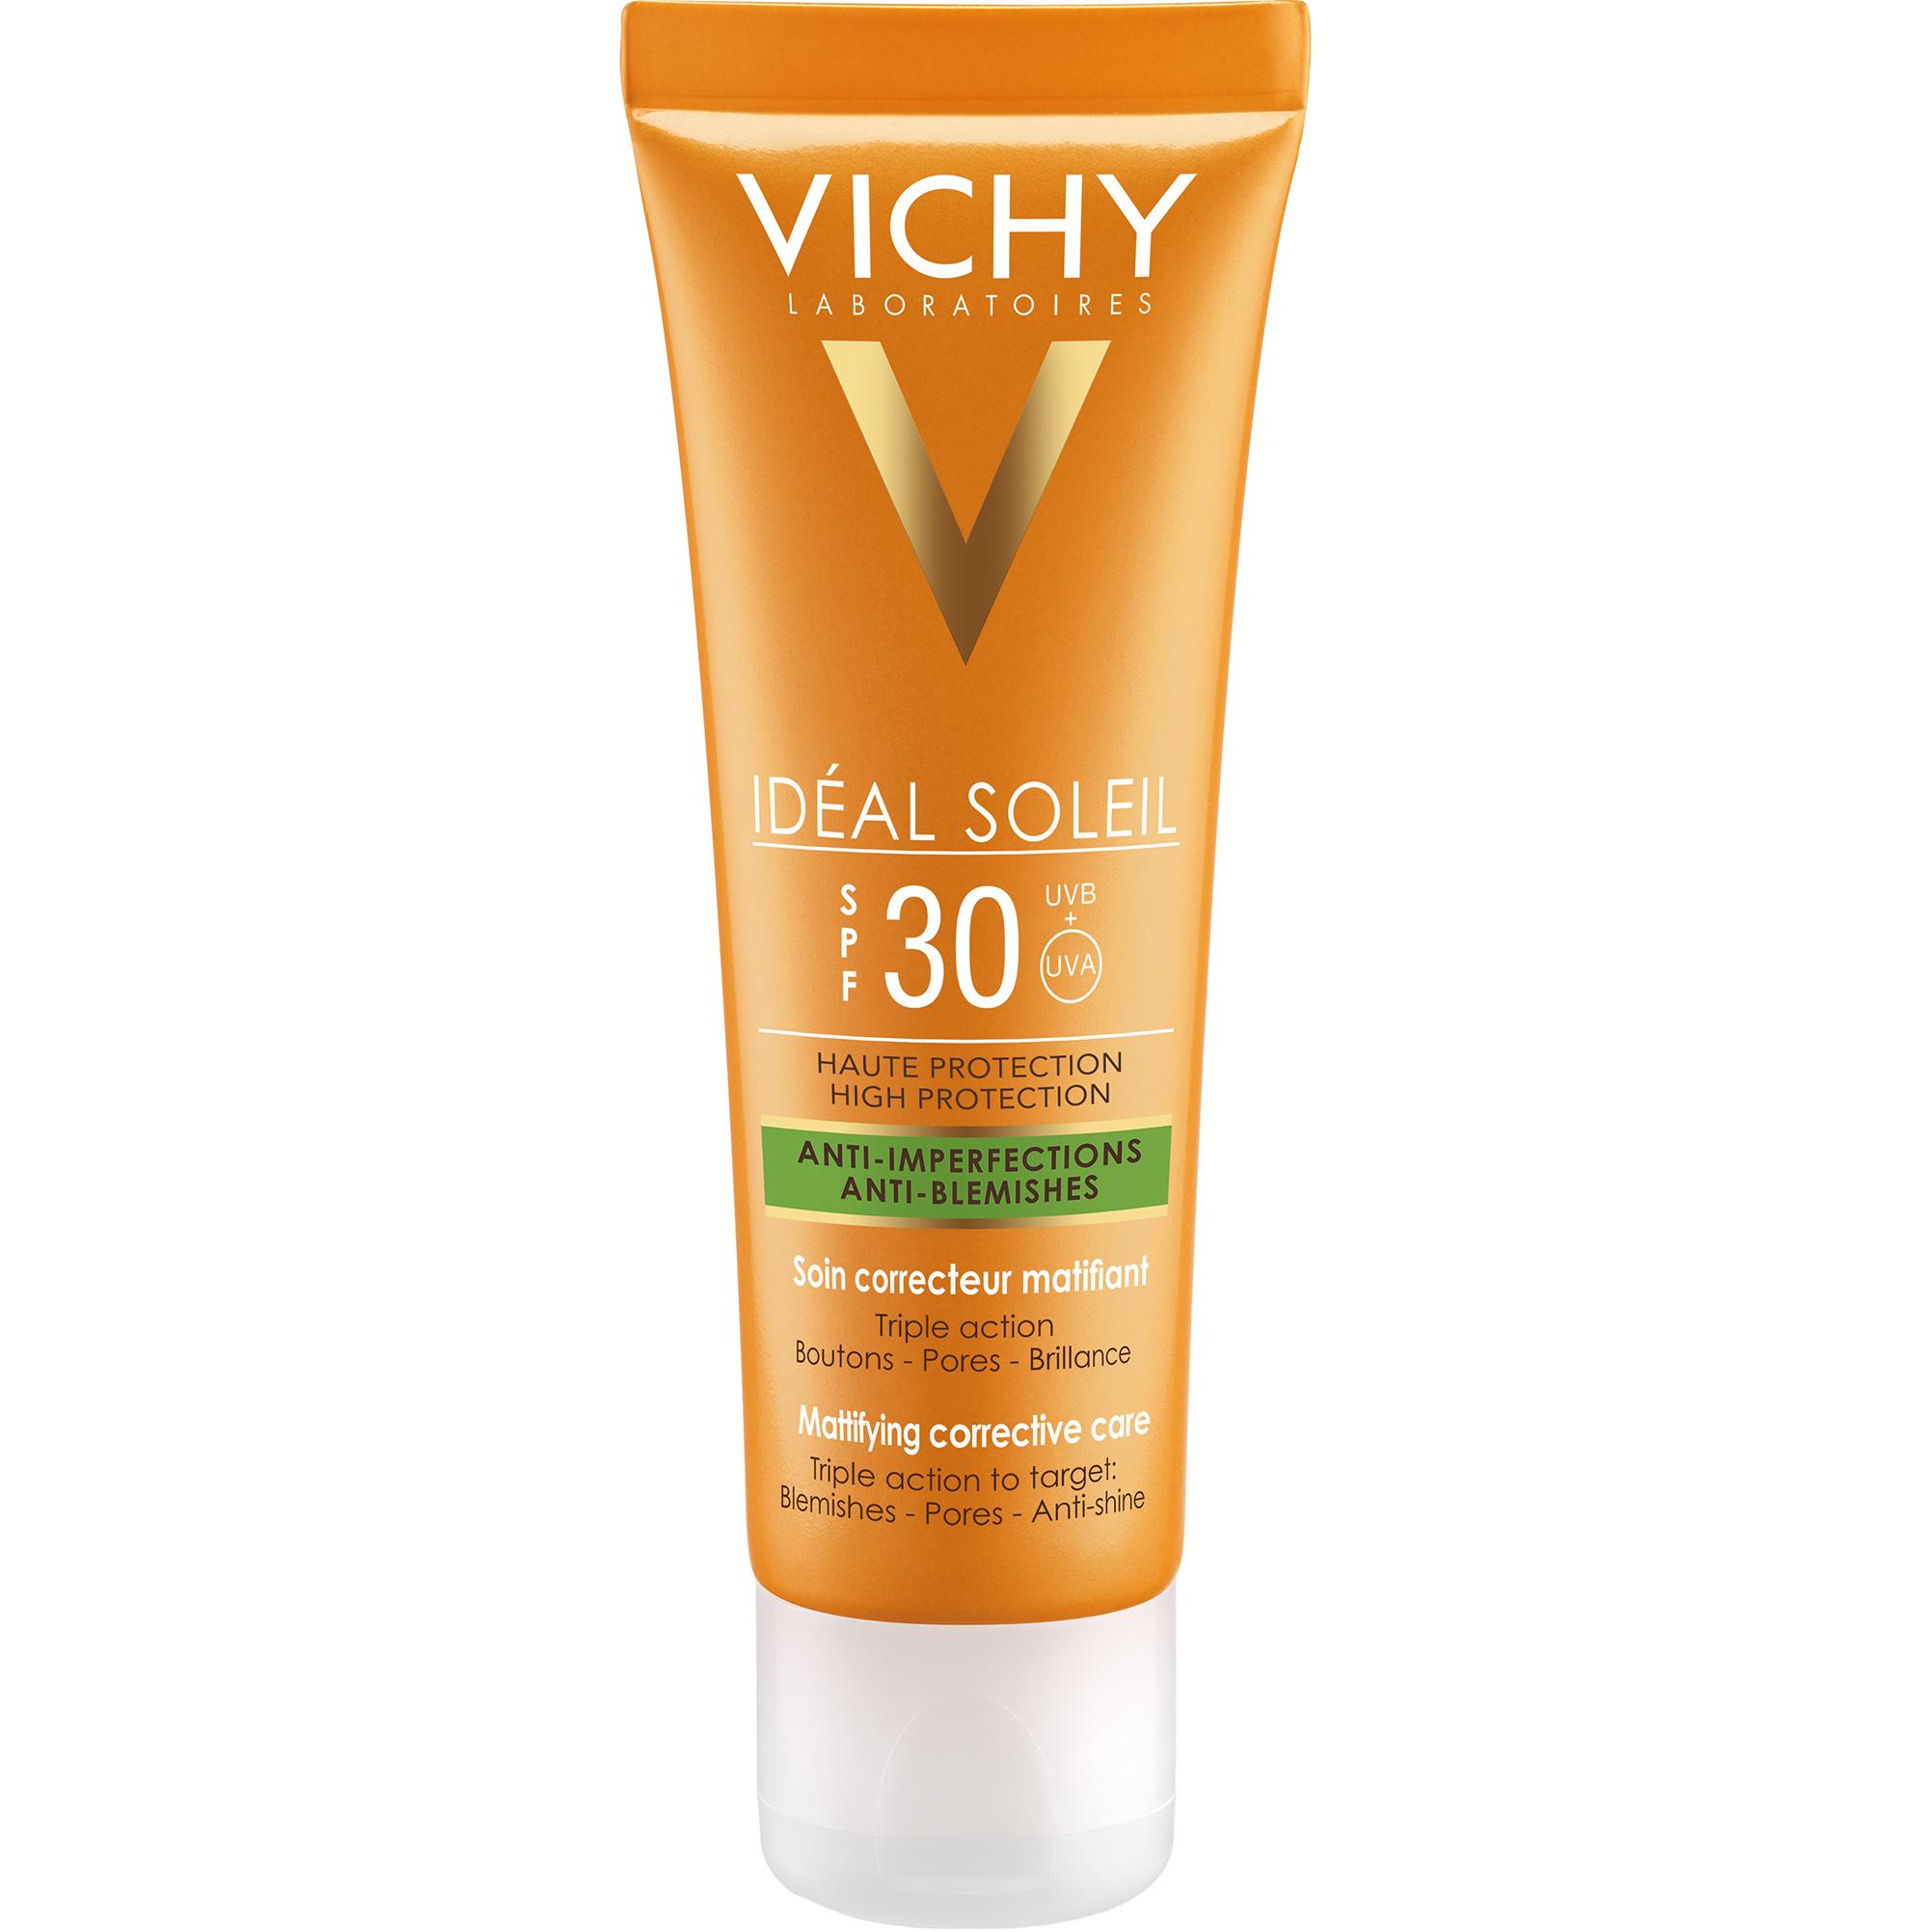 Vichy Ideal Soleil Spf30 Αντηλιακή Κρέμα Προσώπου Υψηλής Προστασίας & Ματ Αποτελέσματος, Σύνθεση Δράσης Κατά των Ατελειών 50ml